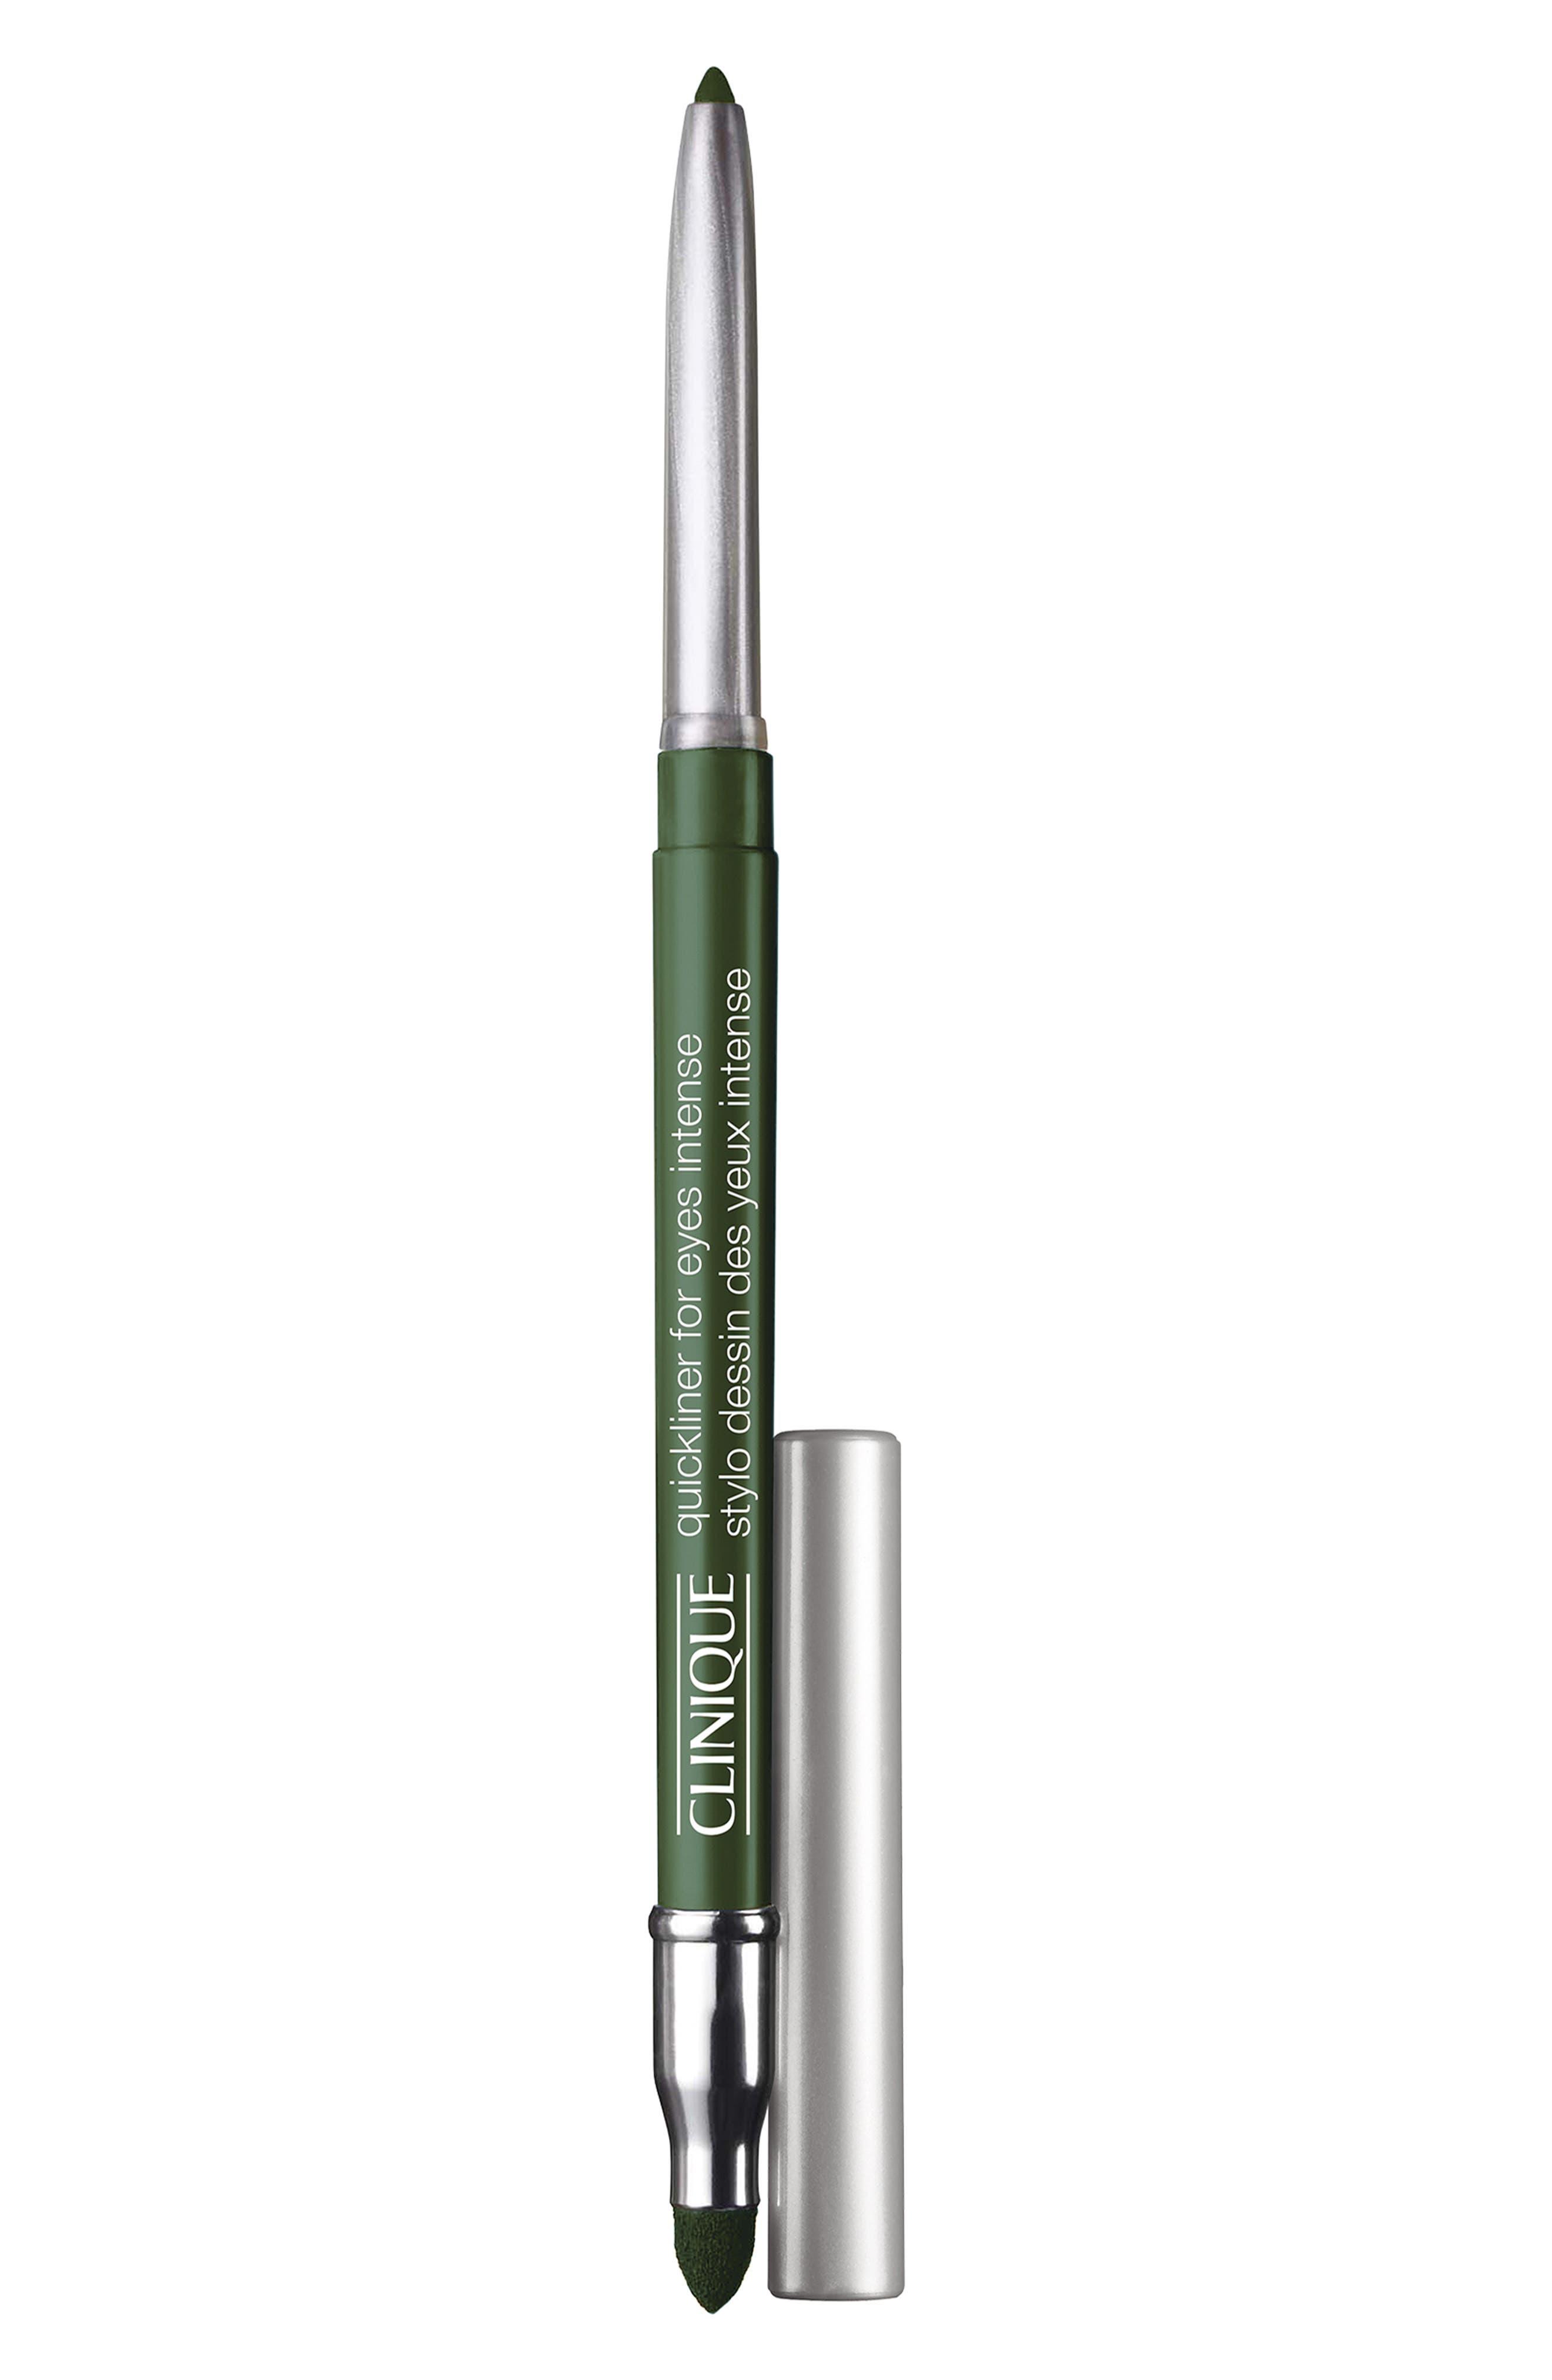 Quickliner For Eyes Intense Eyeliner Pencil